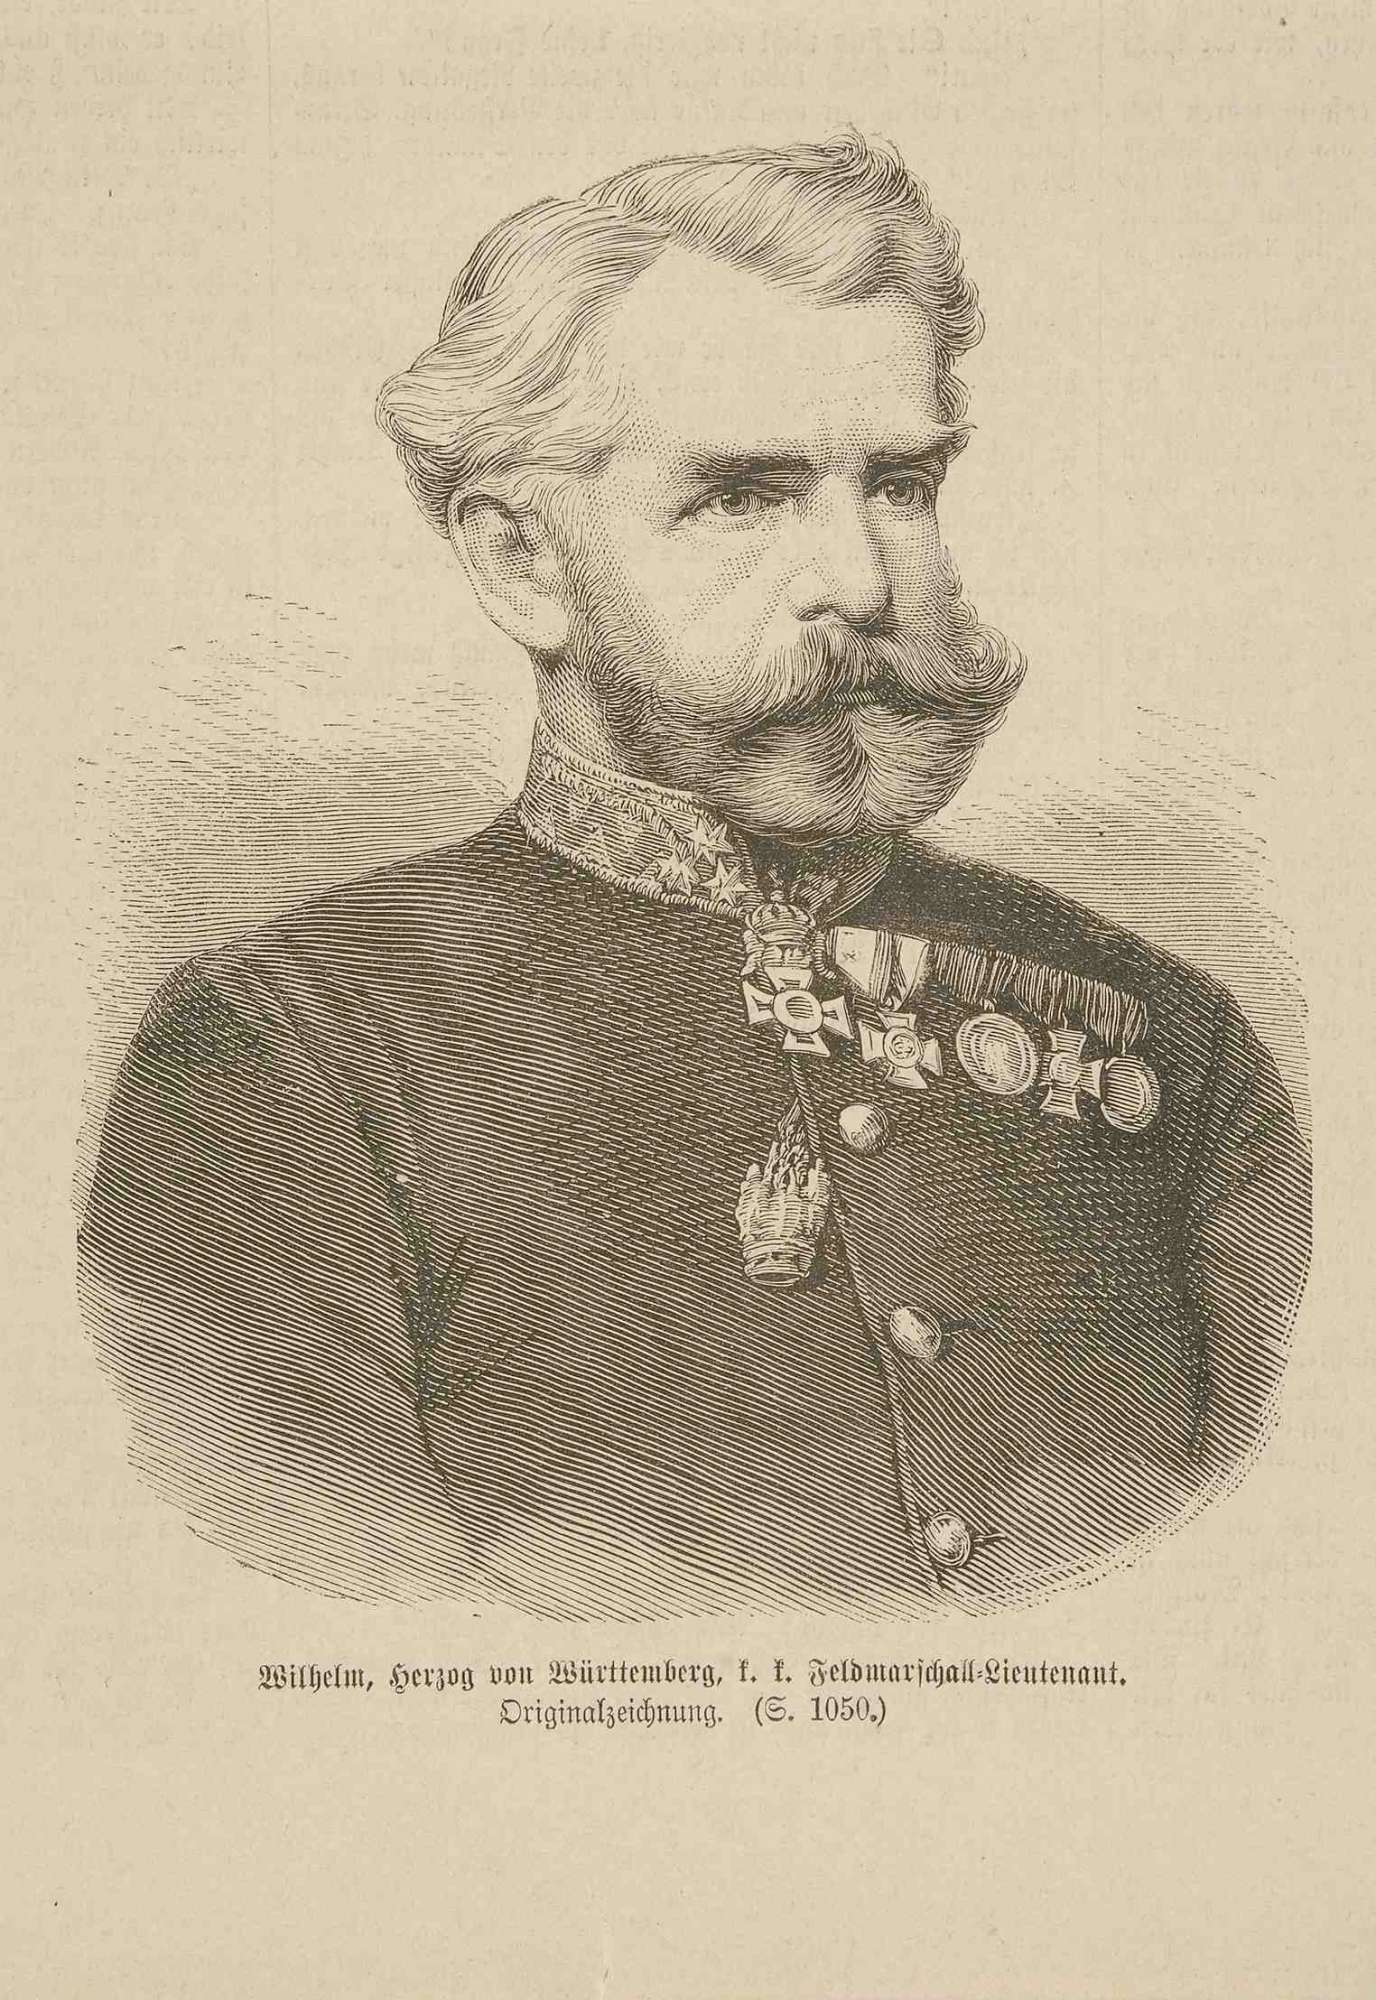 Herzog Wilhelm von Württemberg (1828-1896), österreichischer Feldmarschallleutnant in Uniform mit Orden, Brustbild in Halbprofil, Bild 1